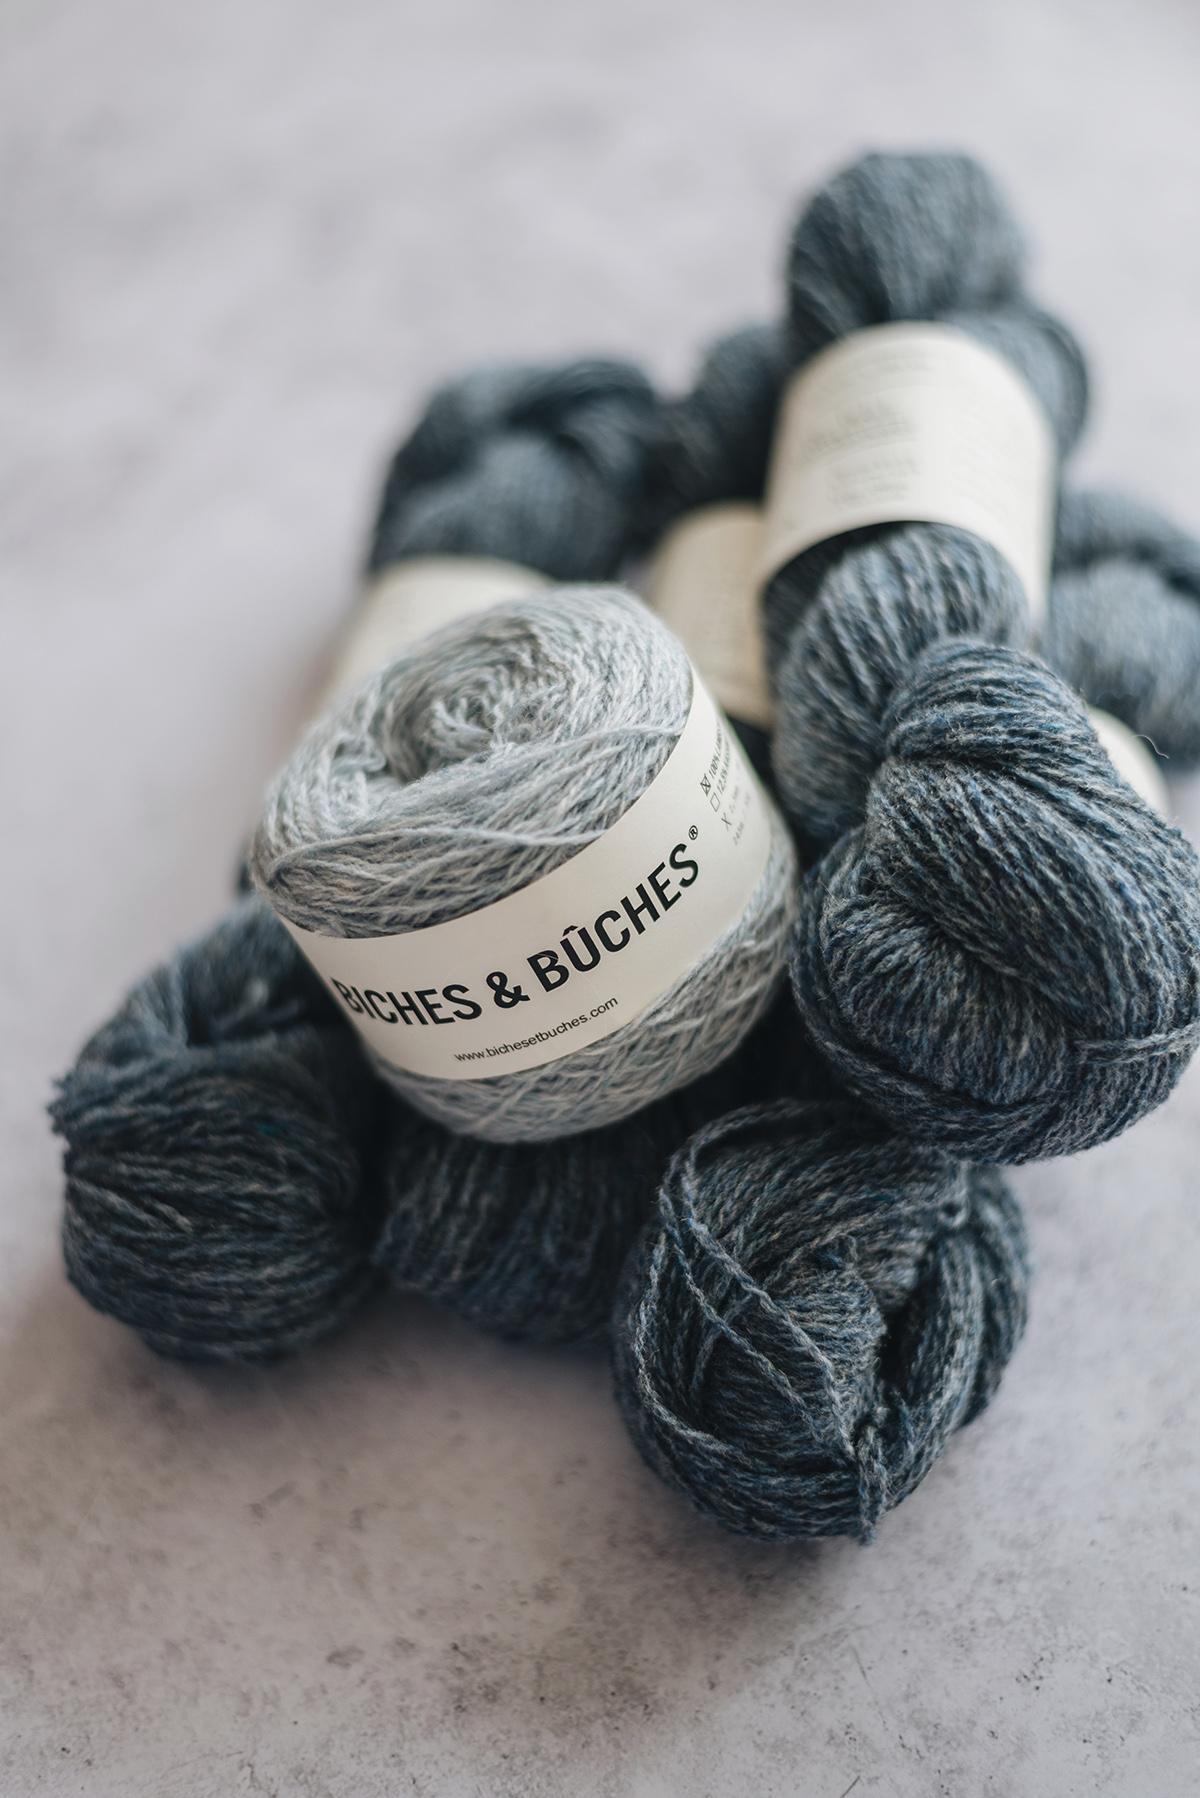 biches & buches wool